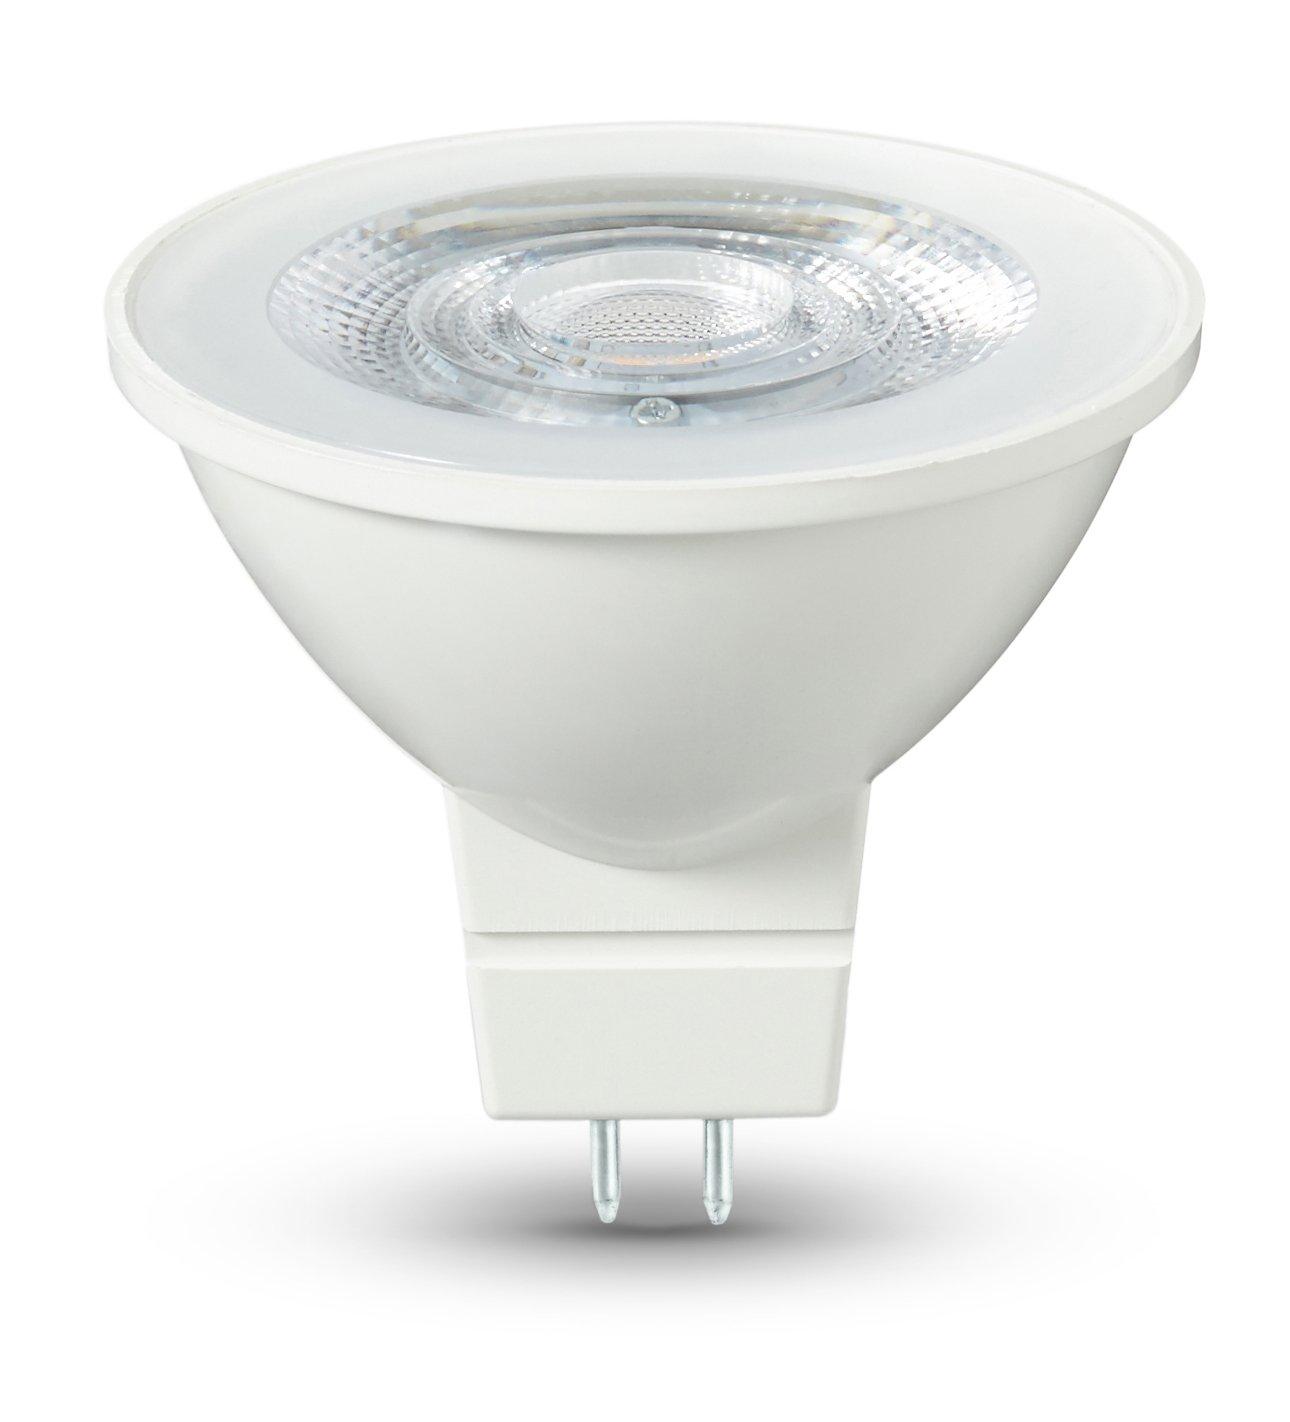 Lava lamp overnight - Led Bulb Gu5 3 Packs Of 2 6 10 7 99 31 99